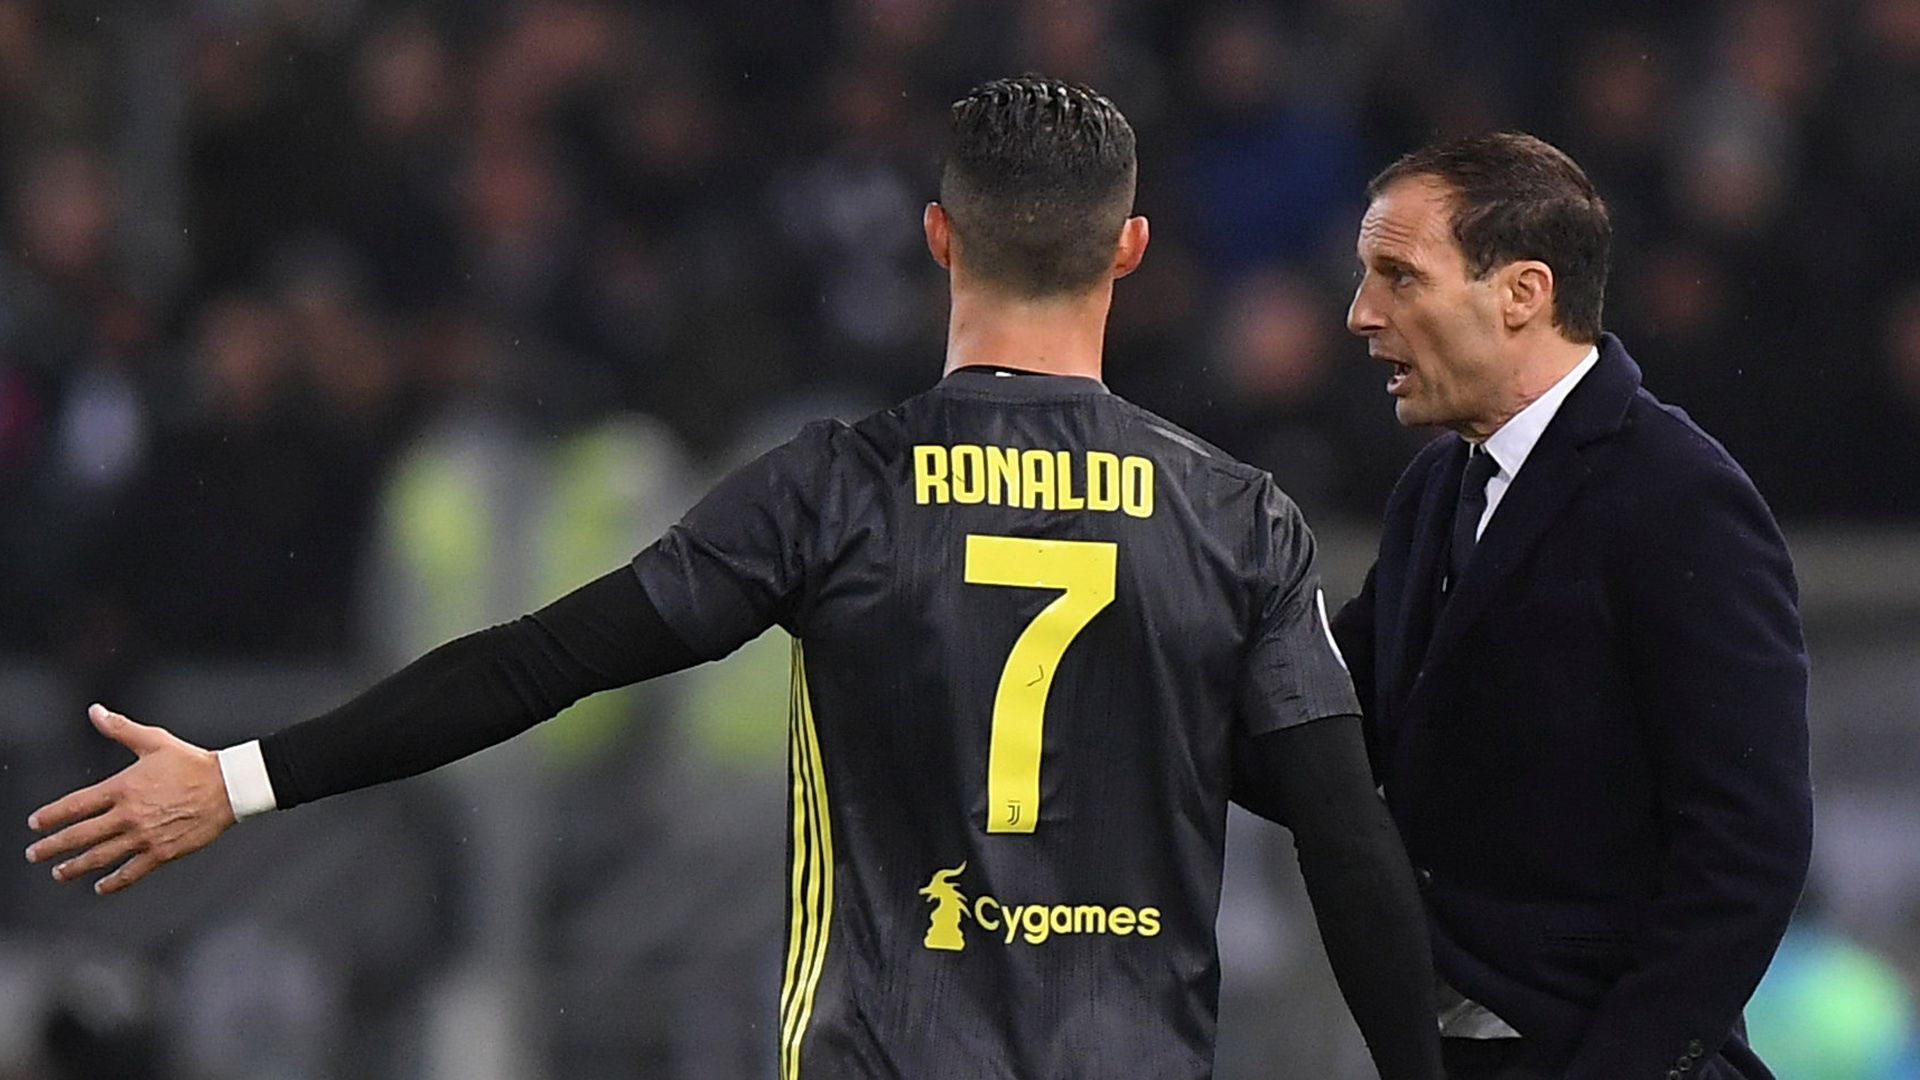 El técnico no quedó conforme con la actitud del portugués durante su estadía en la Juventus. Foto: REUTERS/Alberto Lingria